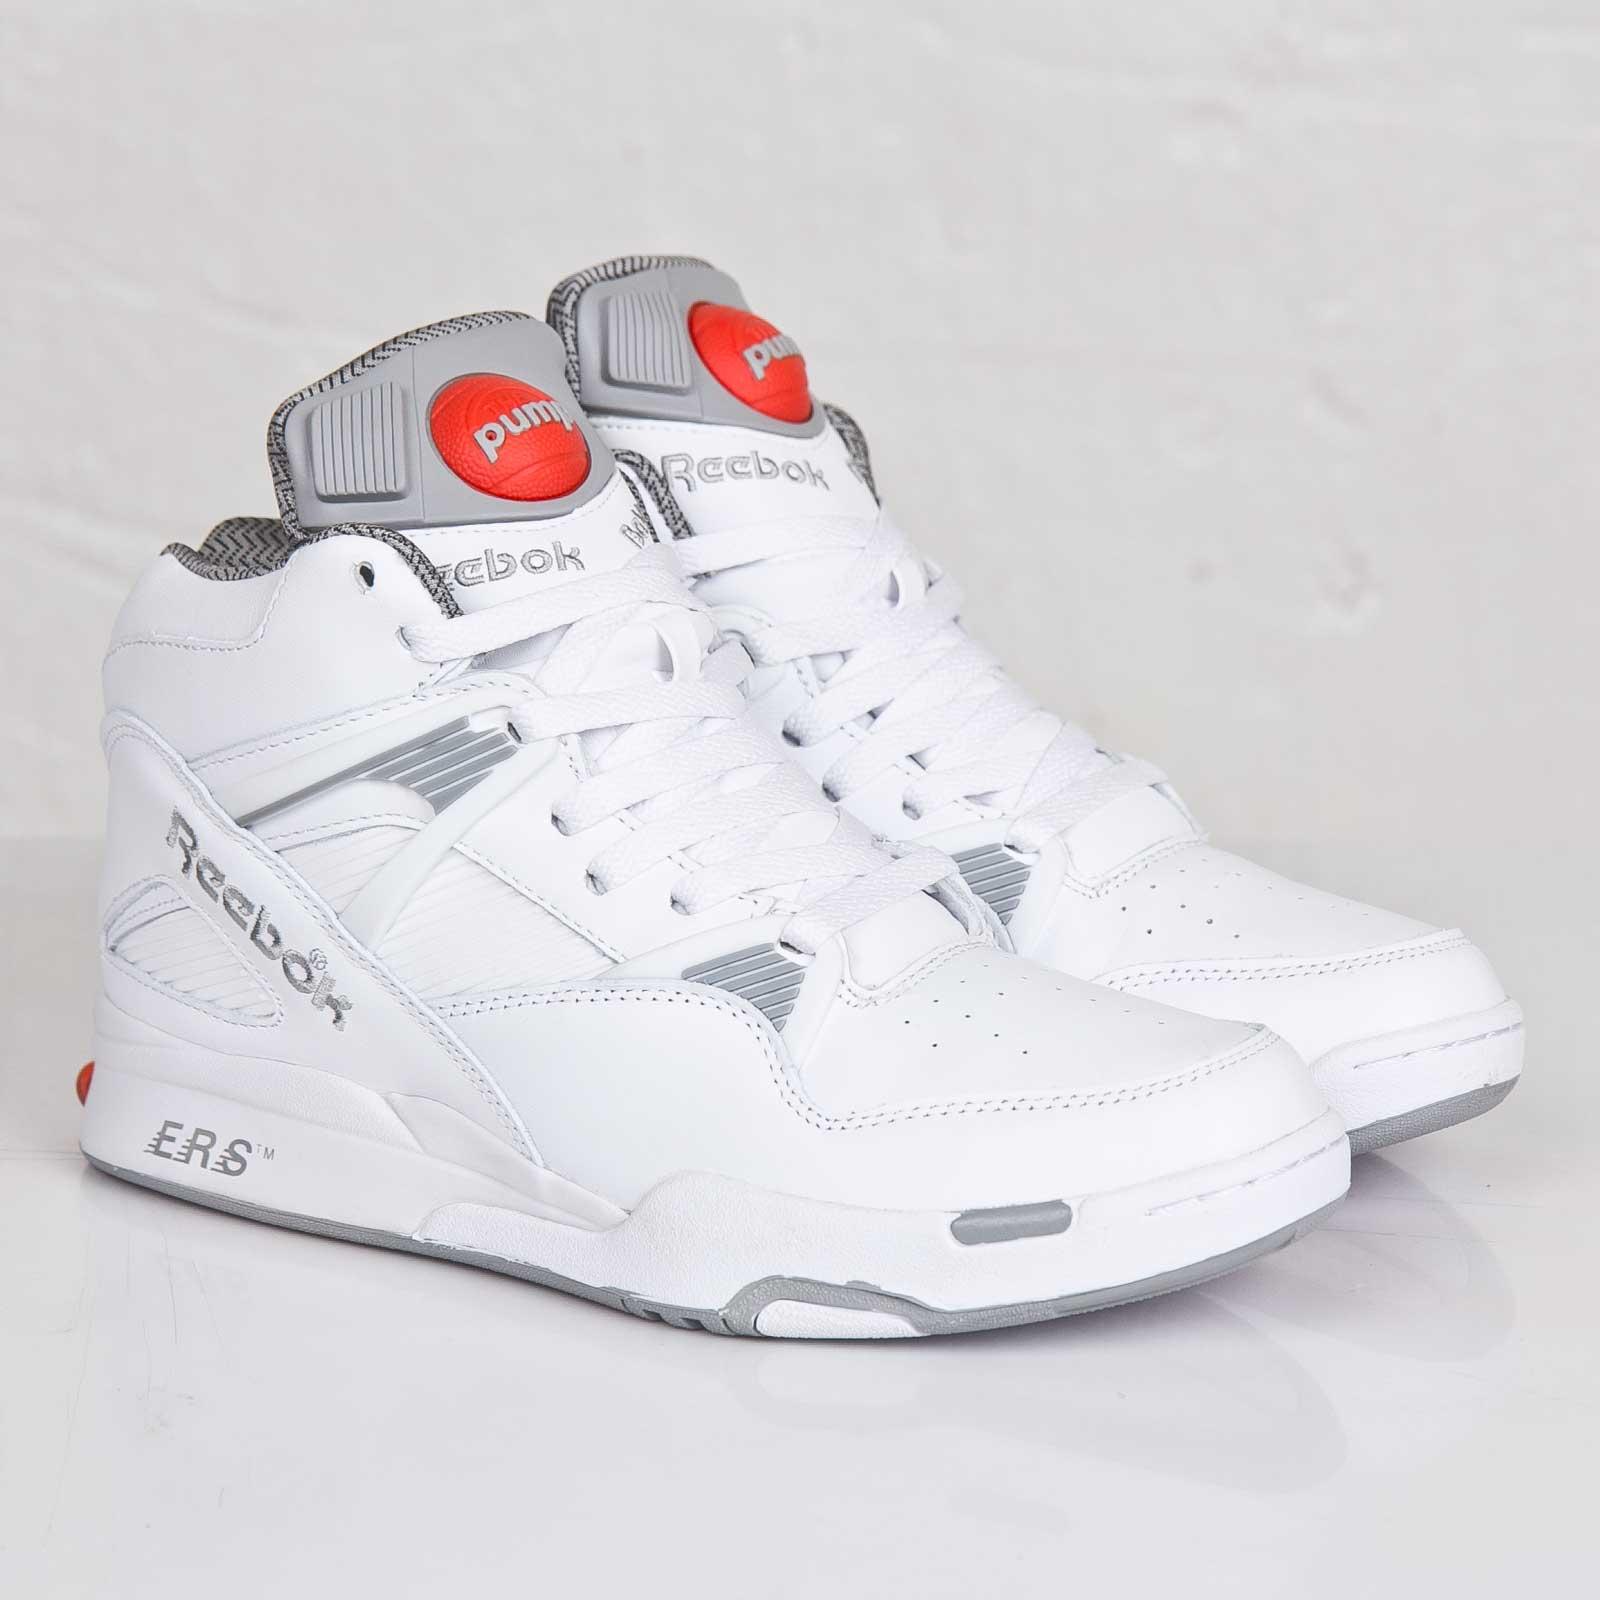 Reebok Pump Omni Zone - J19440 - Sneakersnstuff  1c7474d4b